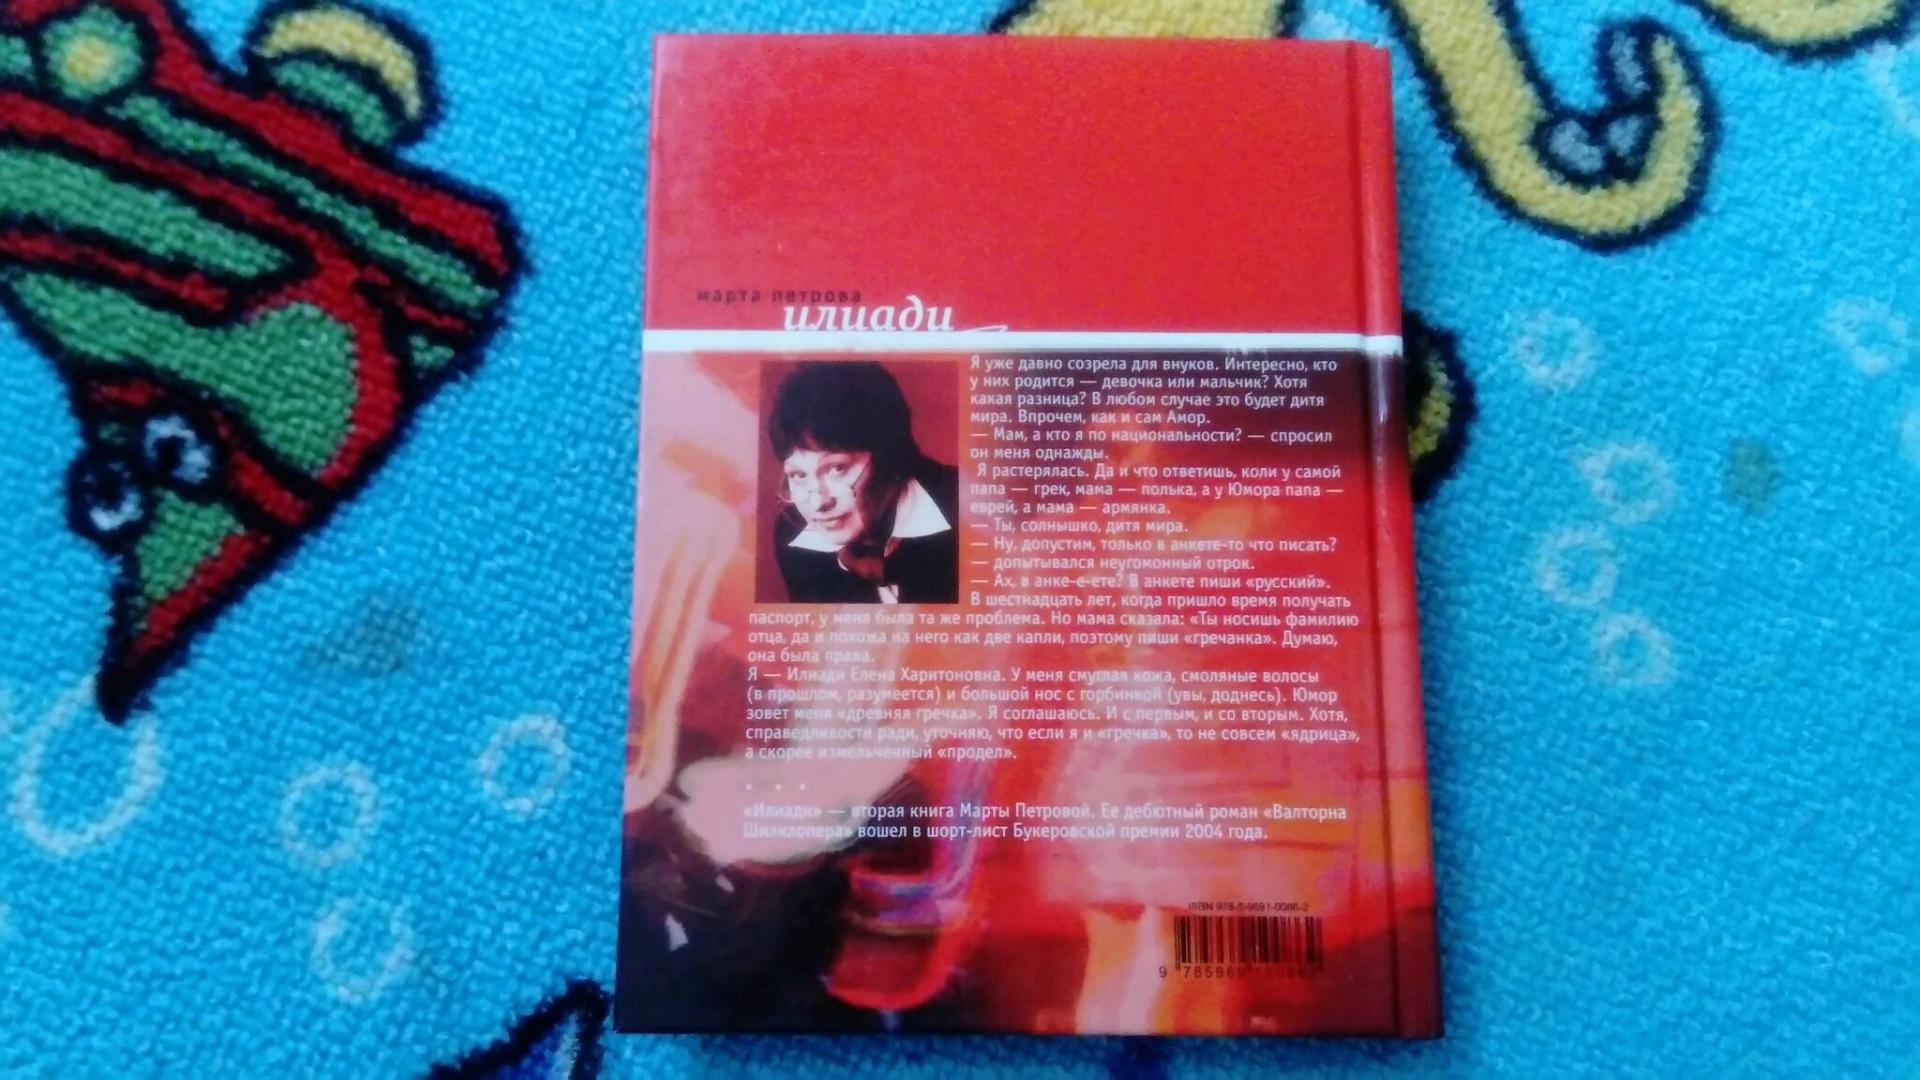 Иллюстрация 1 из 15 для Илиади: Книга песен - Марта Петрова   Лабиринт - книги. Источник: Эльвира Якупова